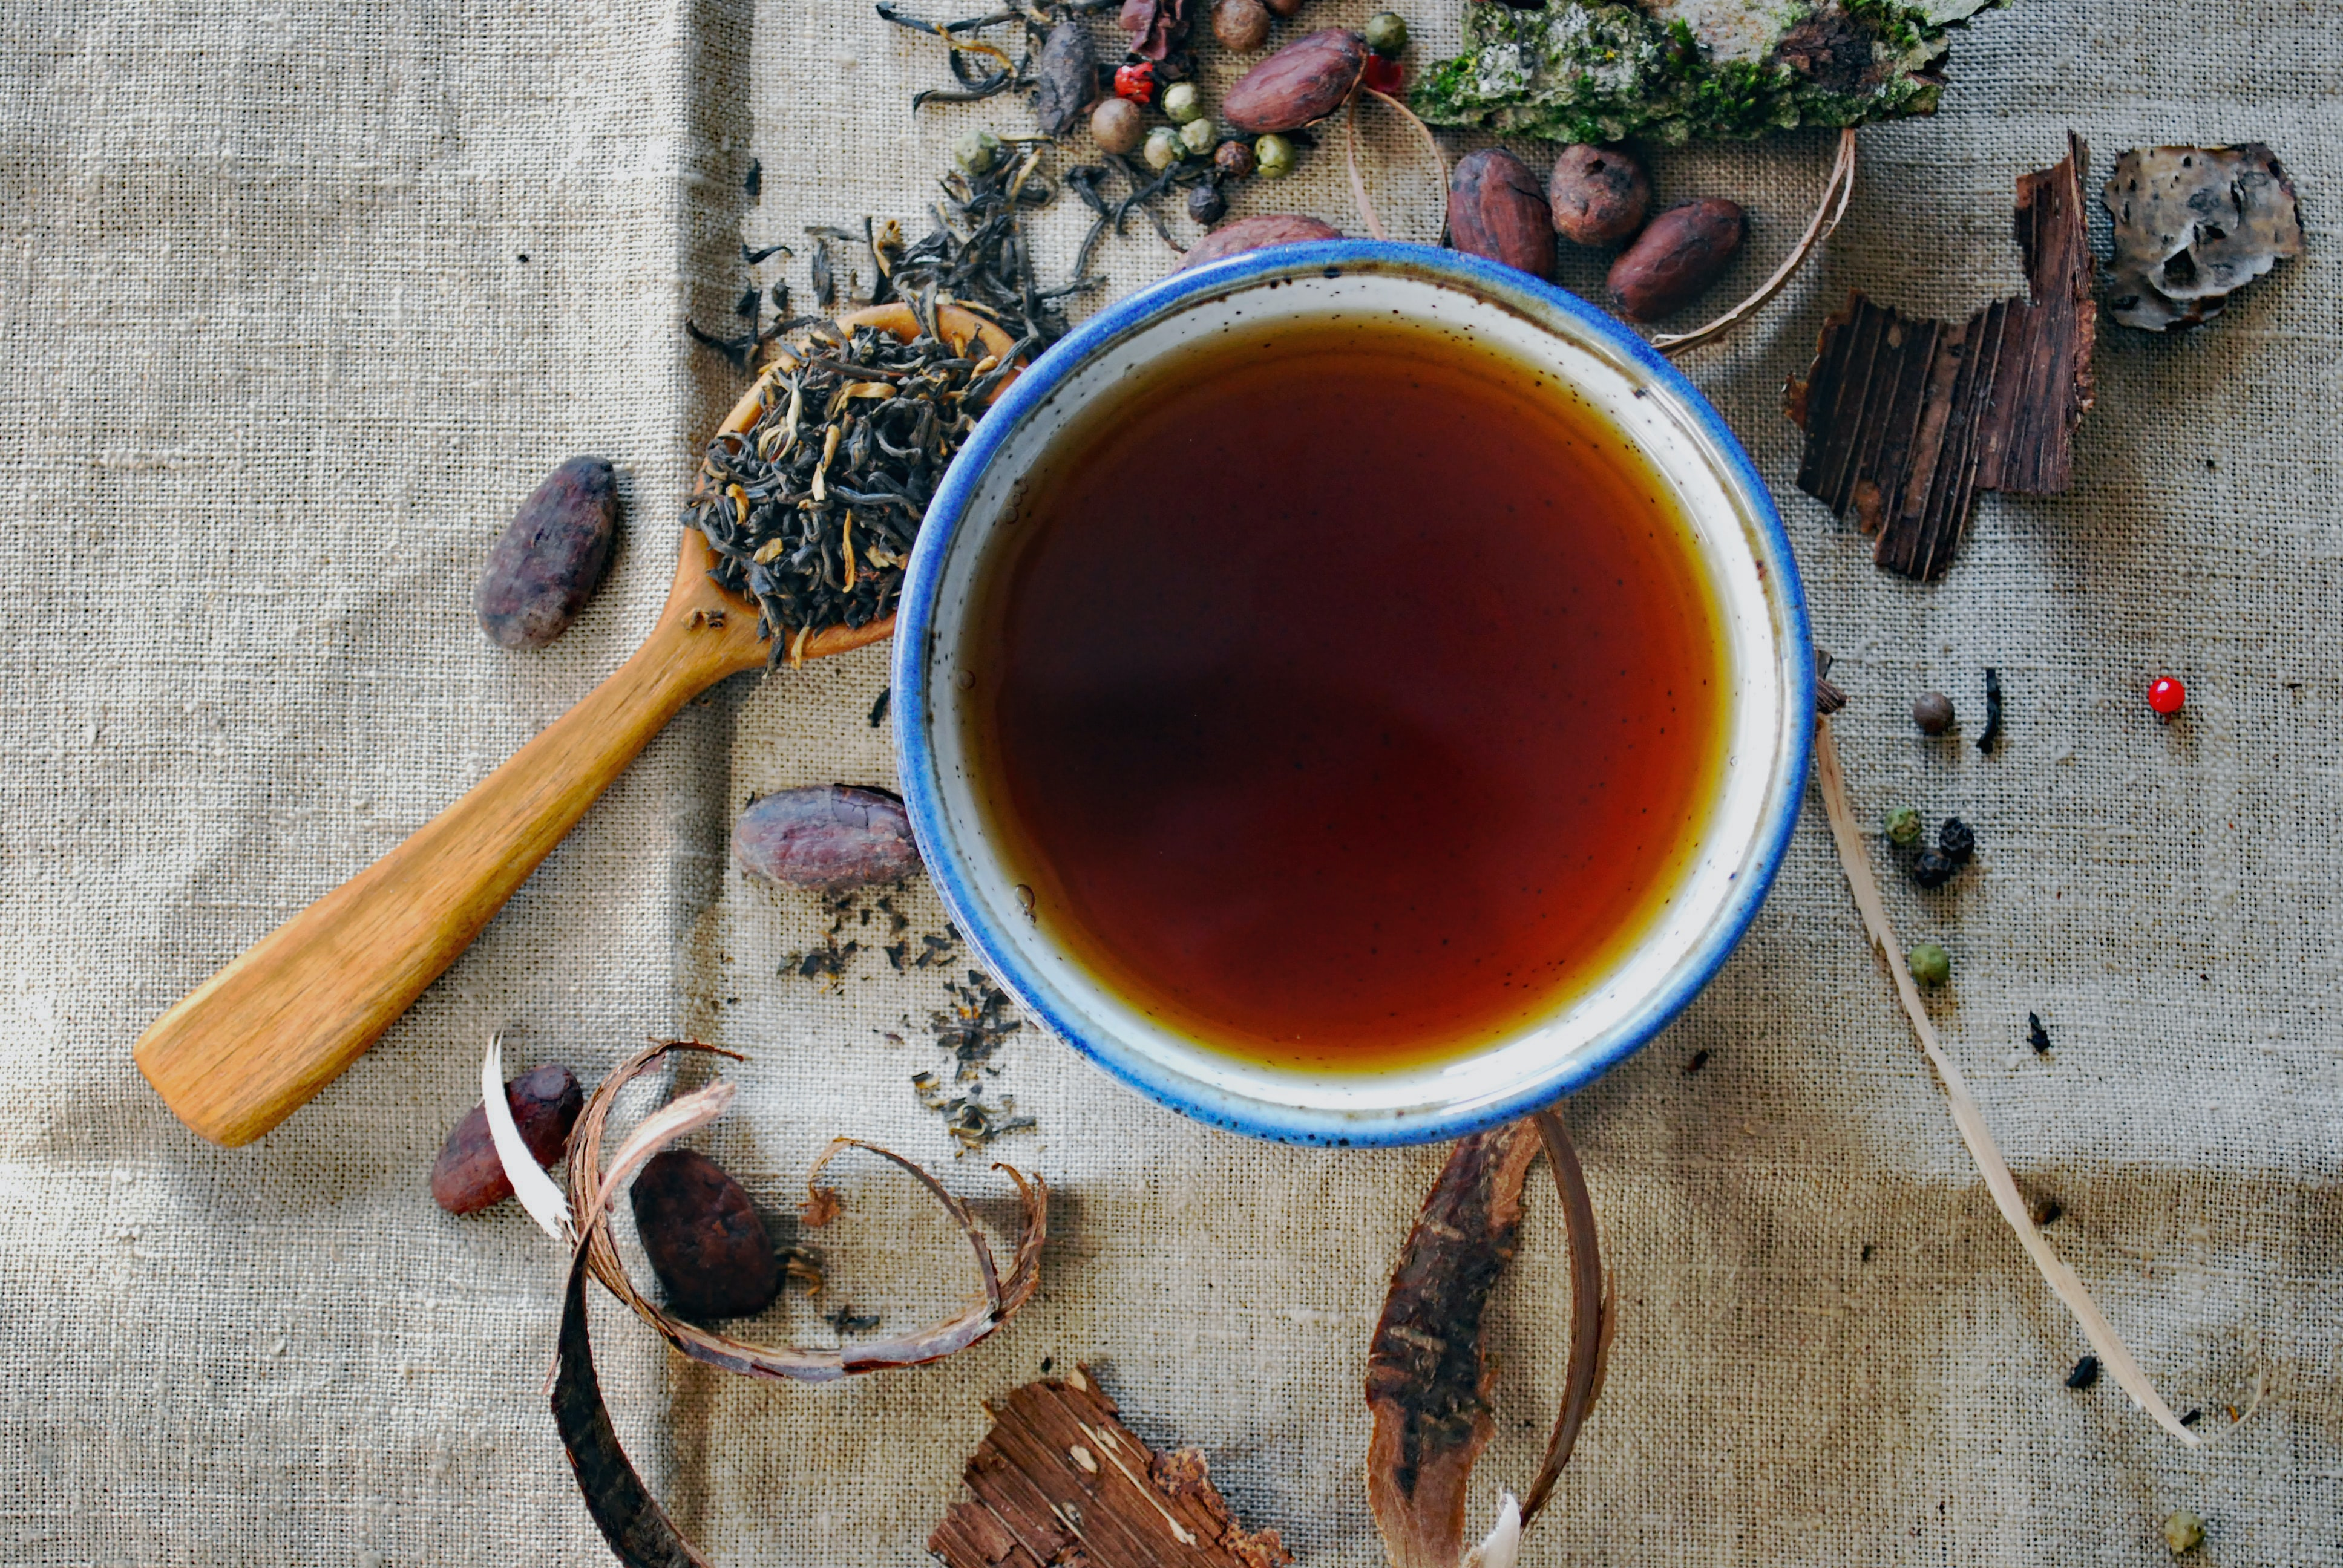 Thé alcoolisé - Unsplash